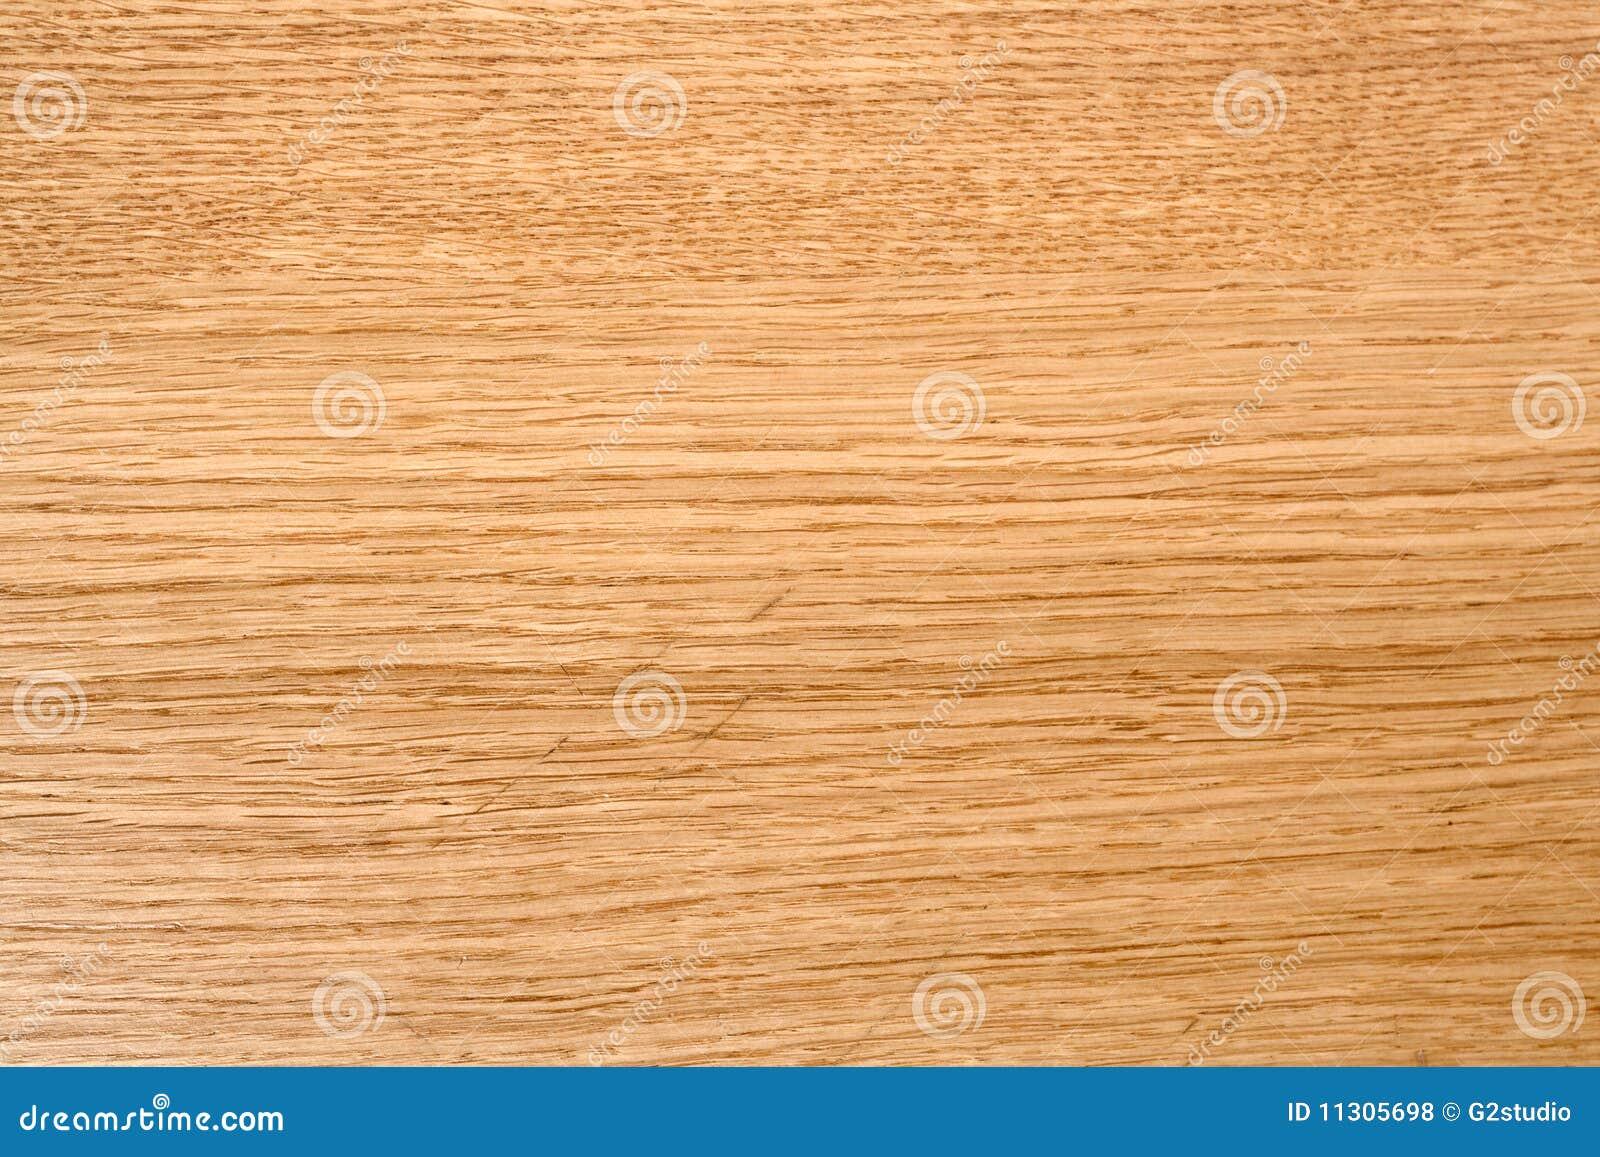 Texture en bois brun clair photo stock image du produit - Texture bois clair ...